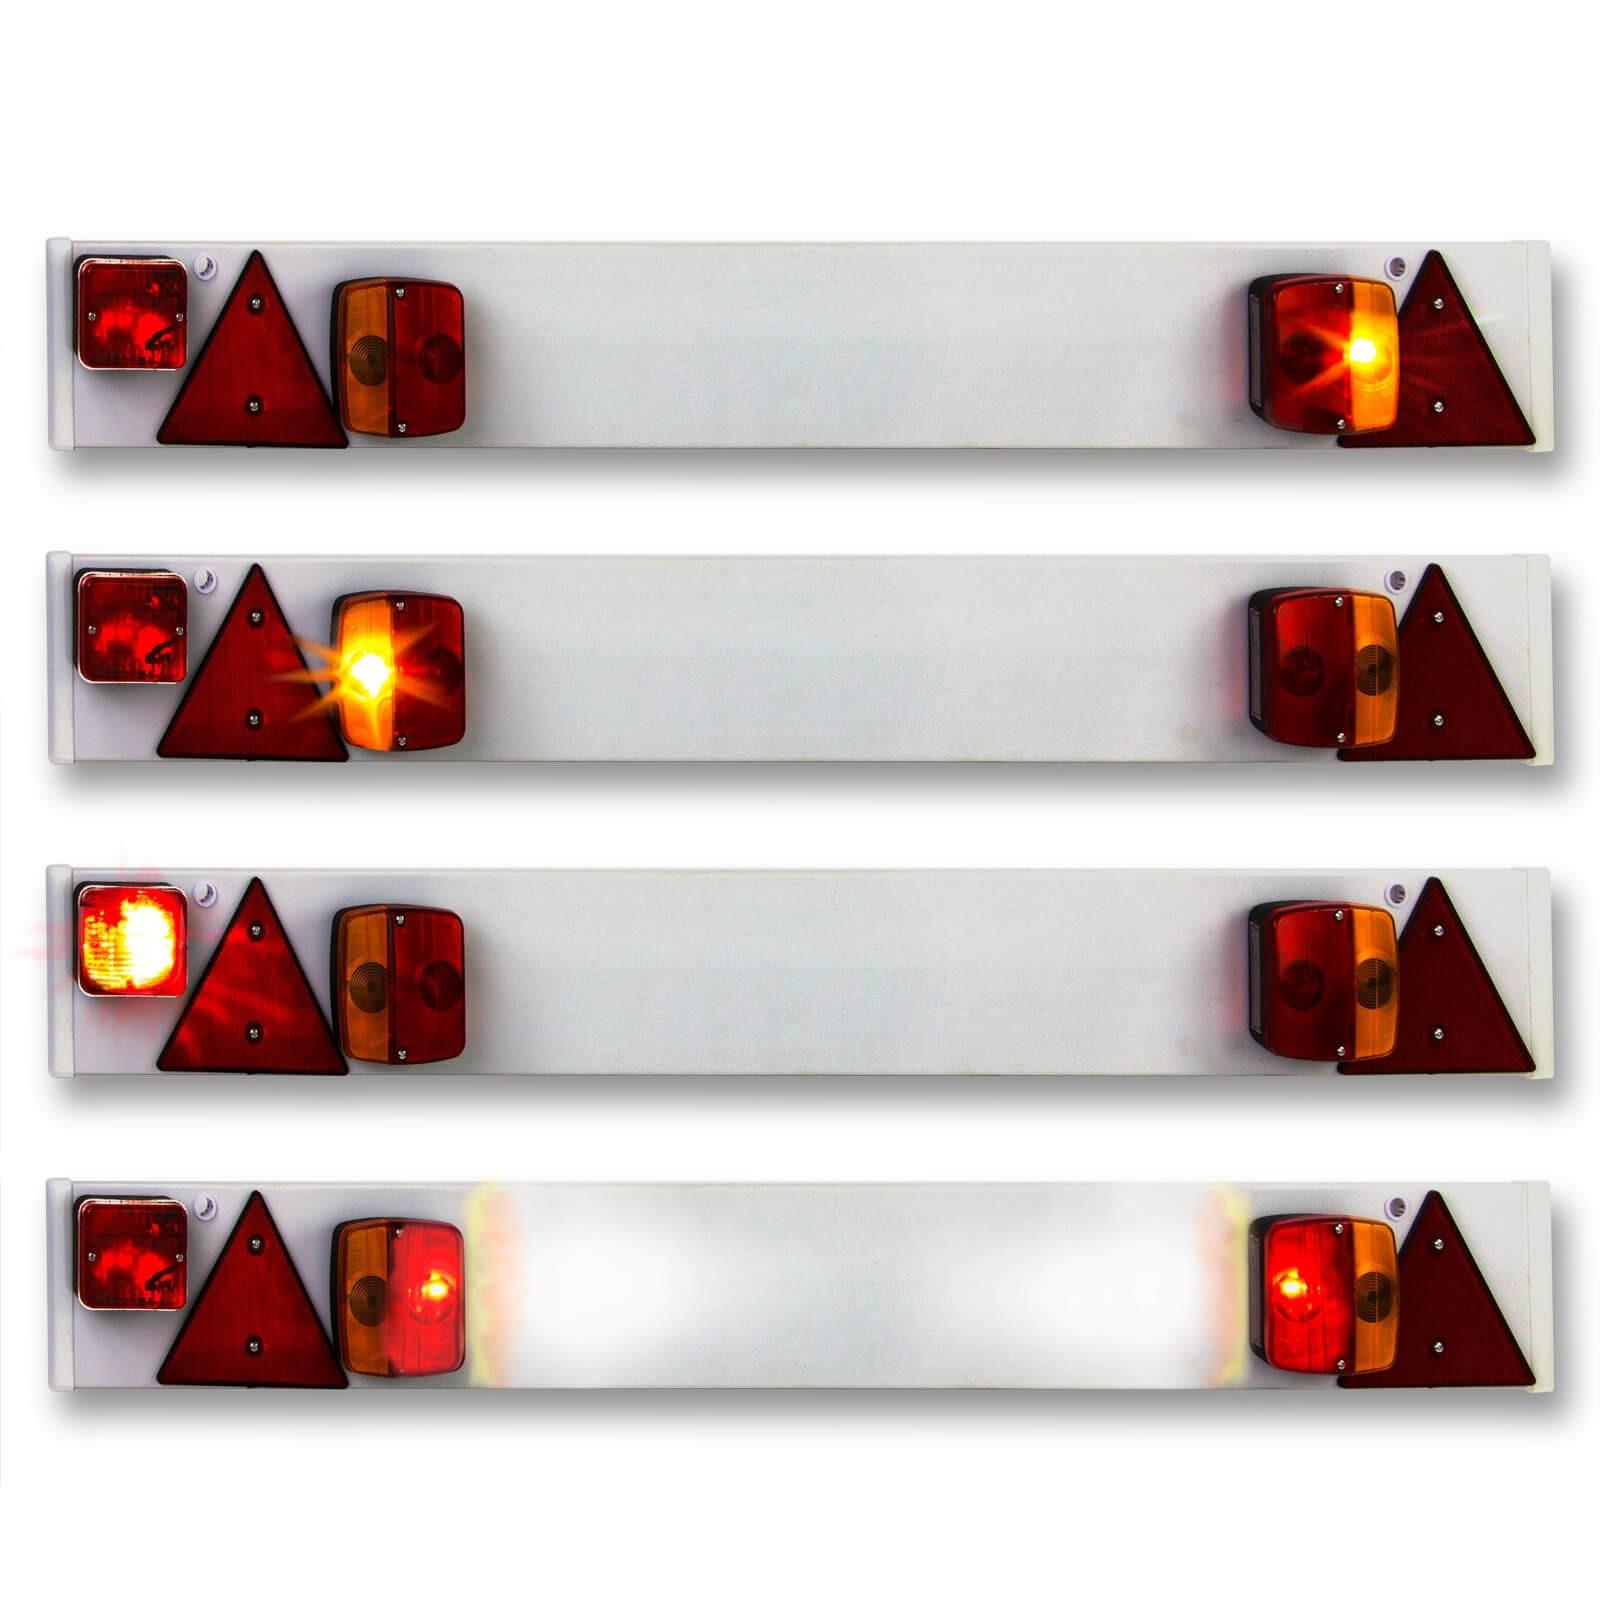 Anhängerbeleuchtung 122cm 7-pol 12V Rückleuchten Rücklicht ...